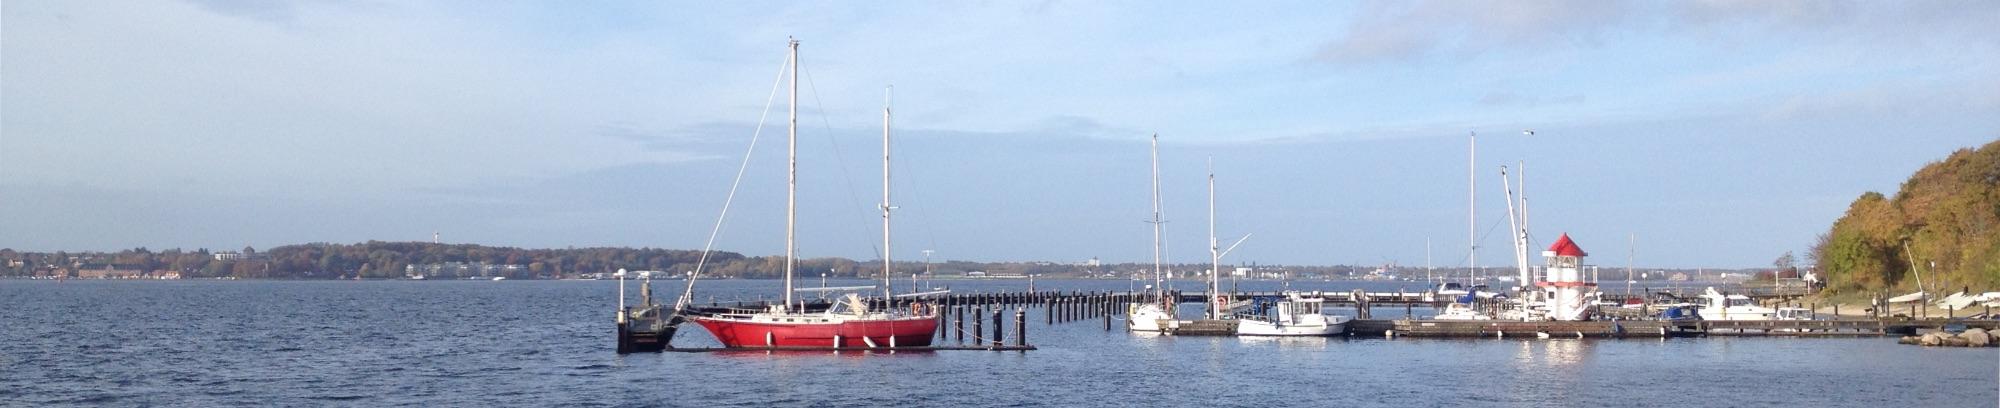 Der Yachthafen in Mönkeberg in der Kieler Bucht